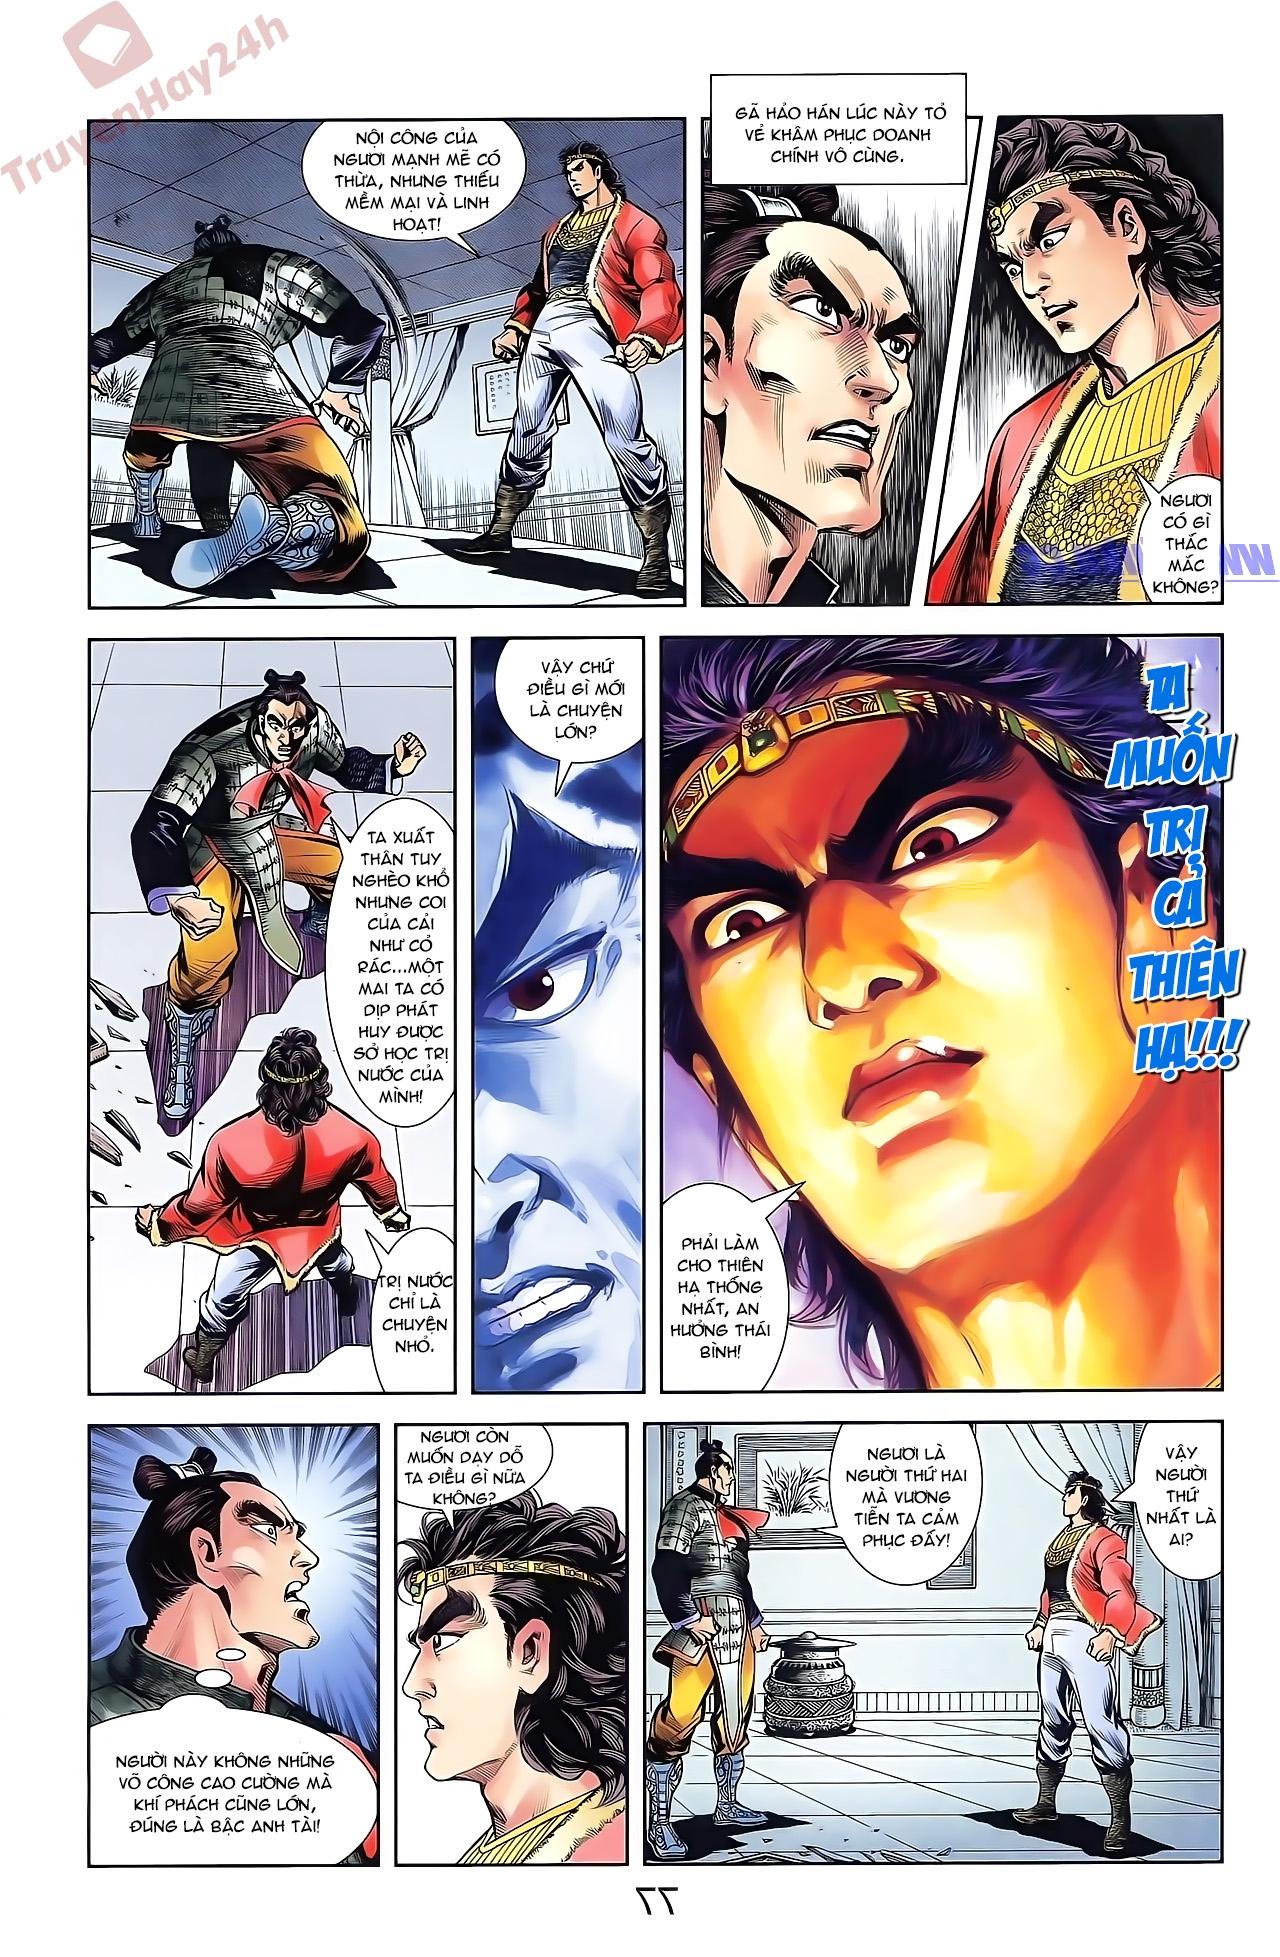 Tần Vương Doanh Chính chapter 42 trang 11